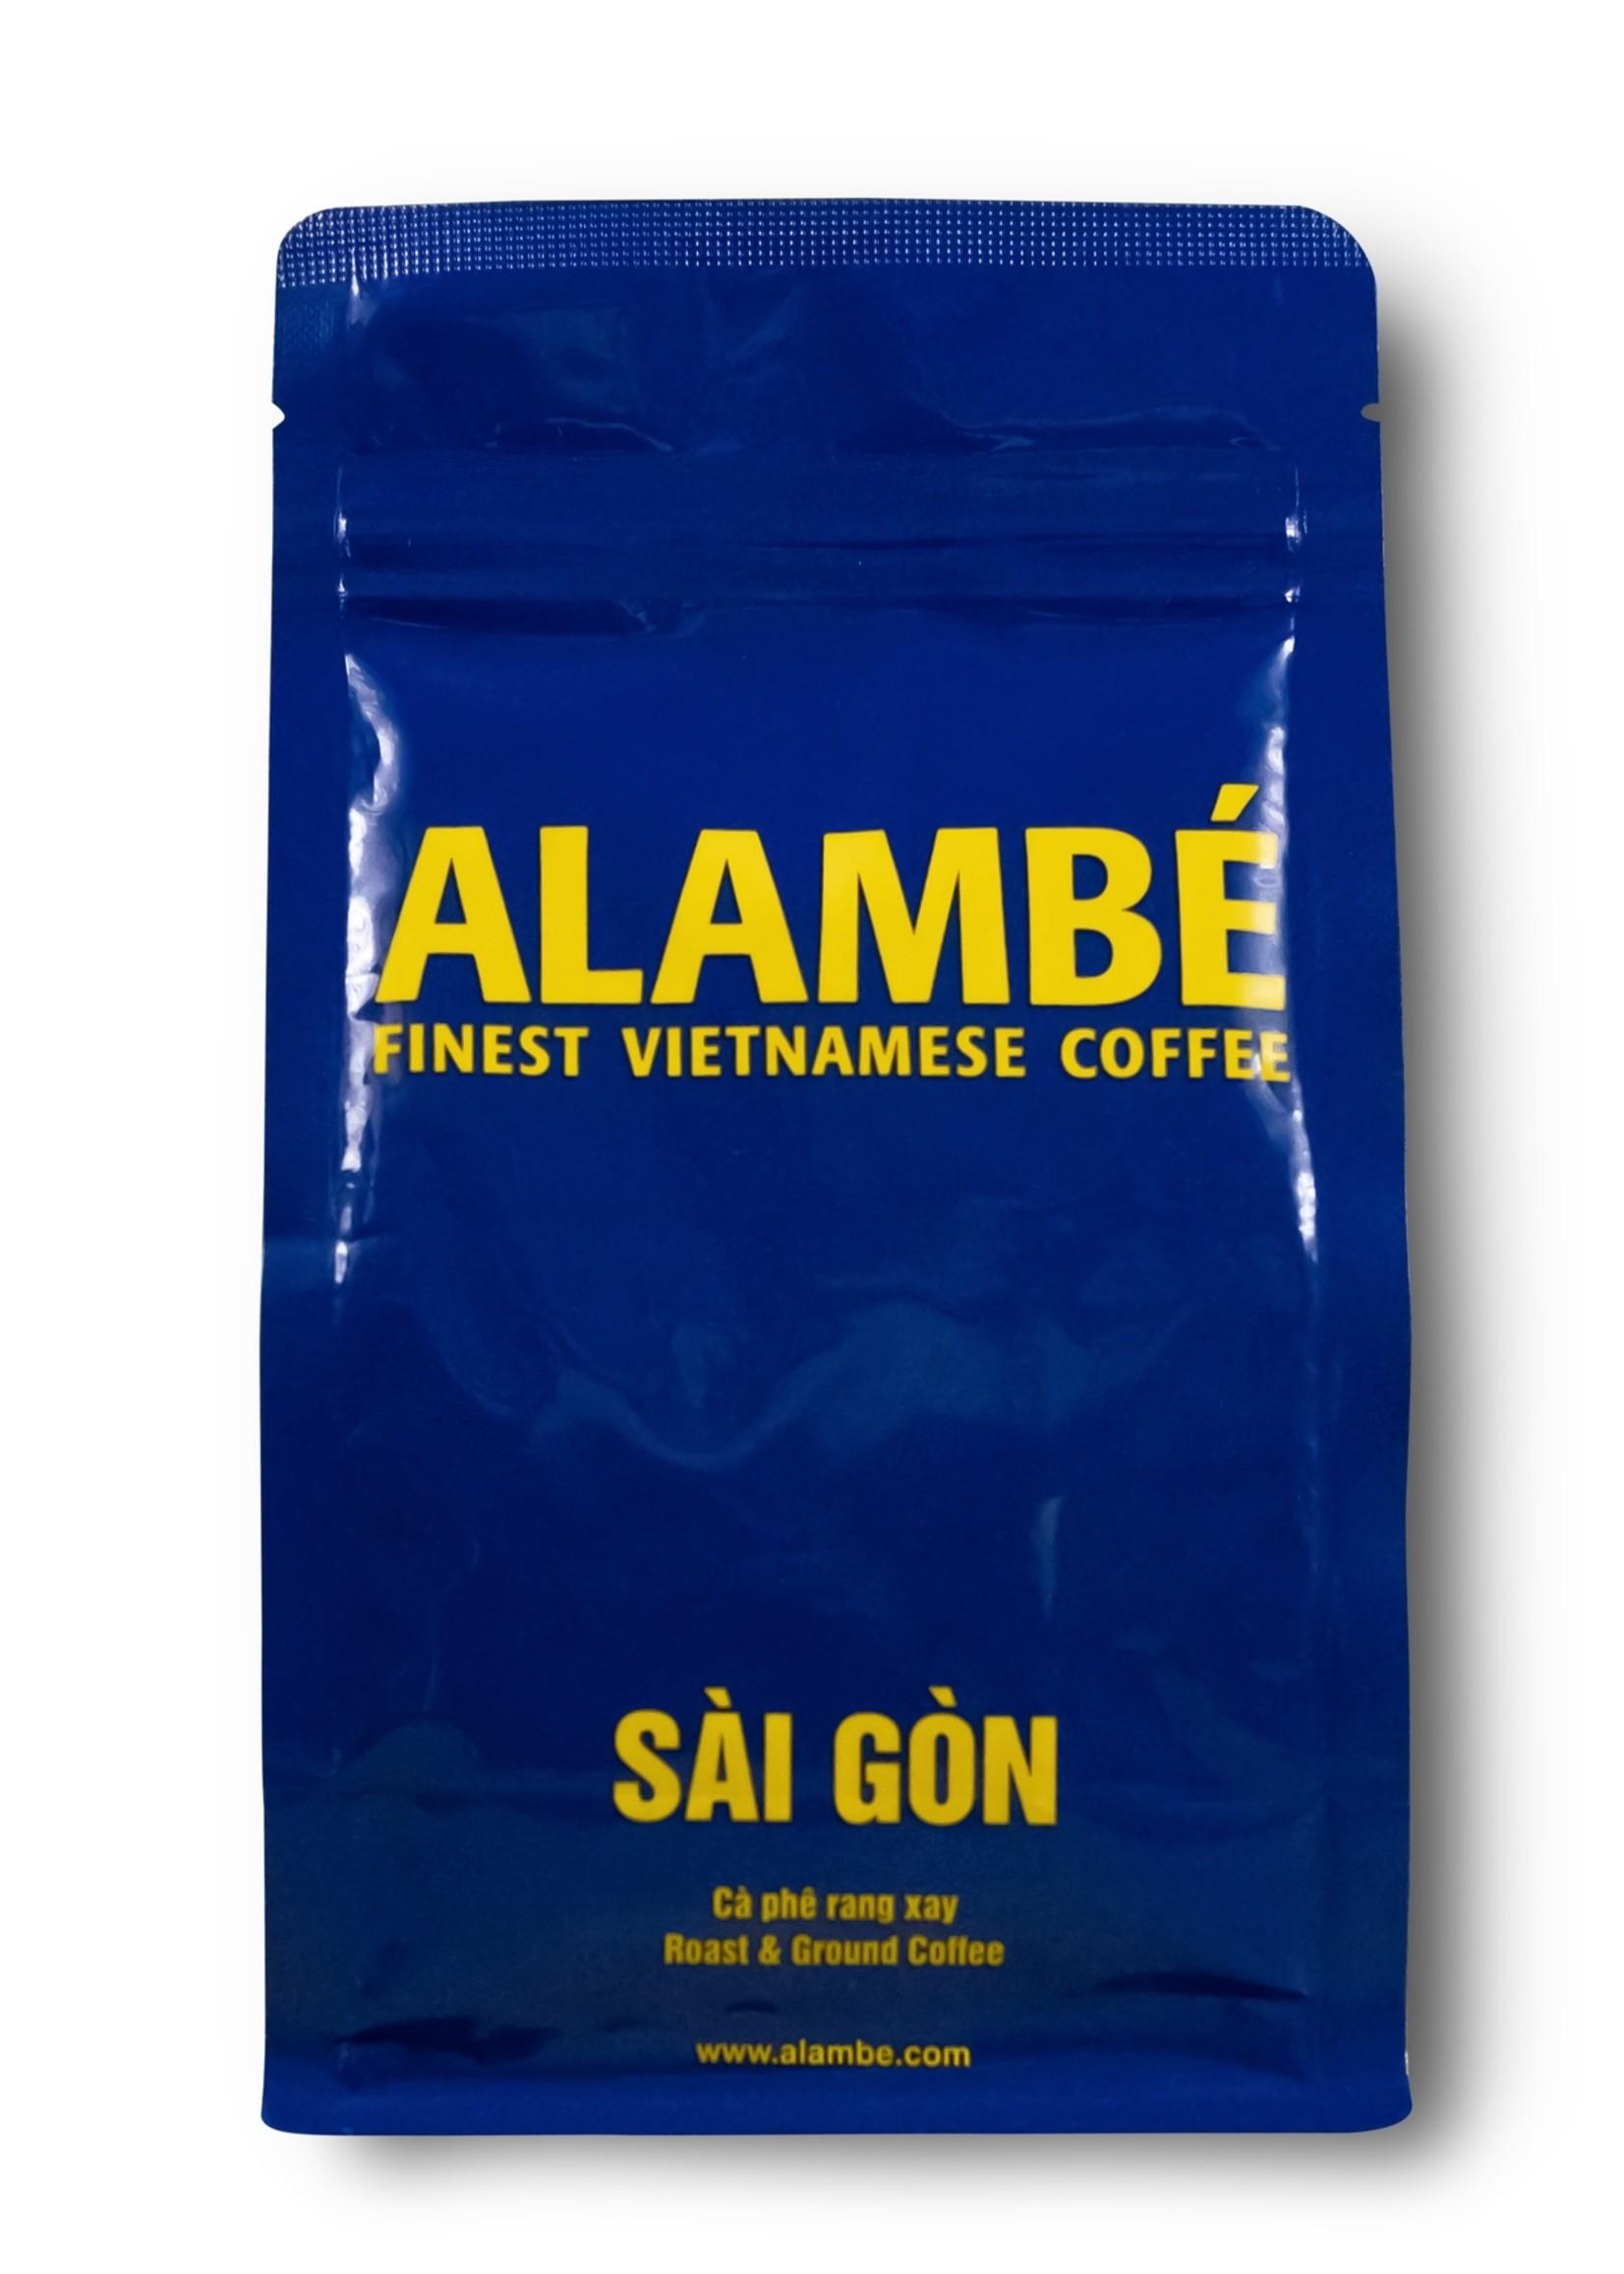 Alambé - Finest Vietnamese Coffee Sai Gon - Hausmischung nach vietnamesischer Art  (230g gemahlen)